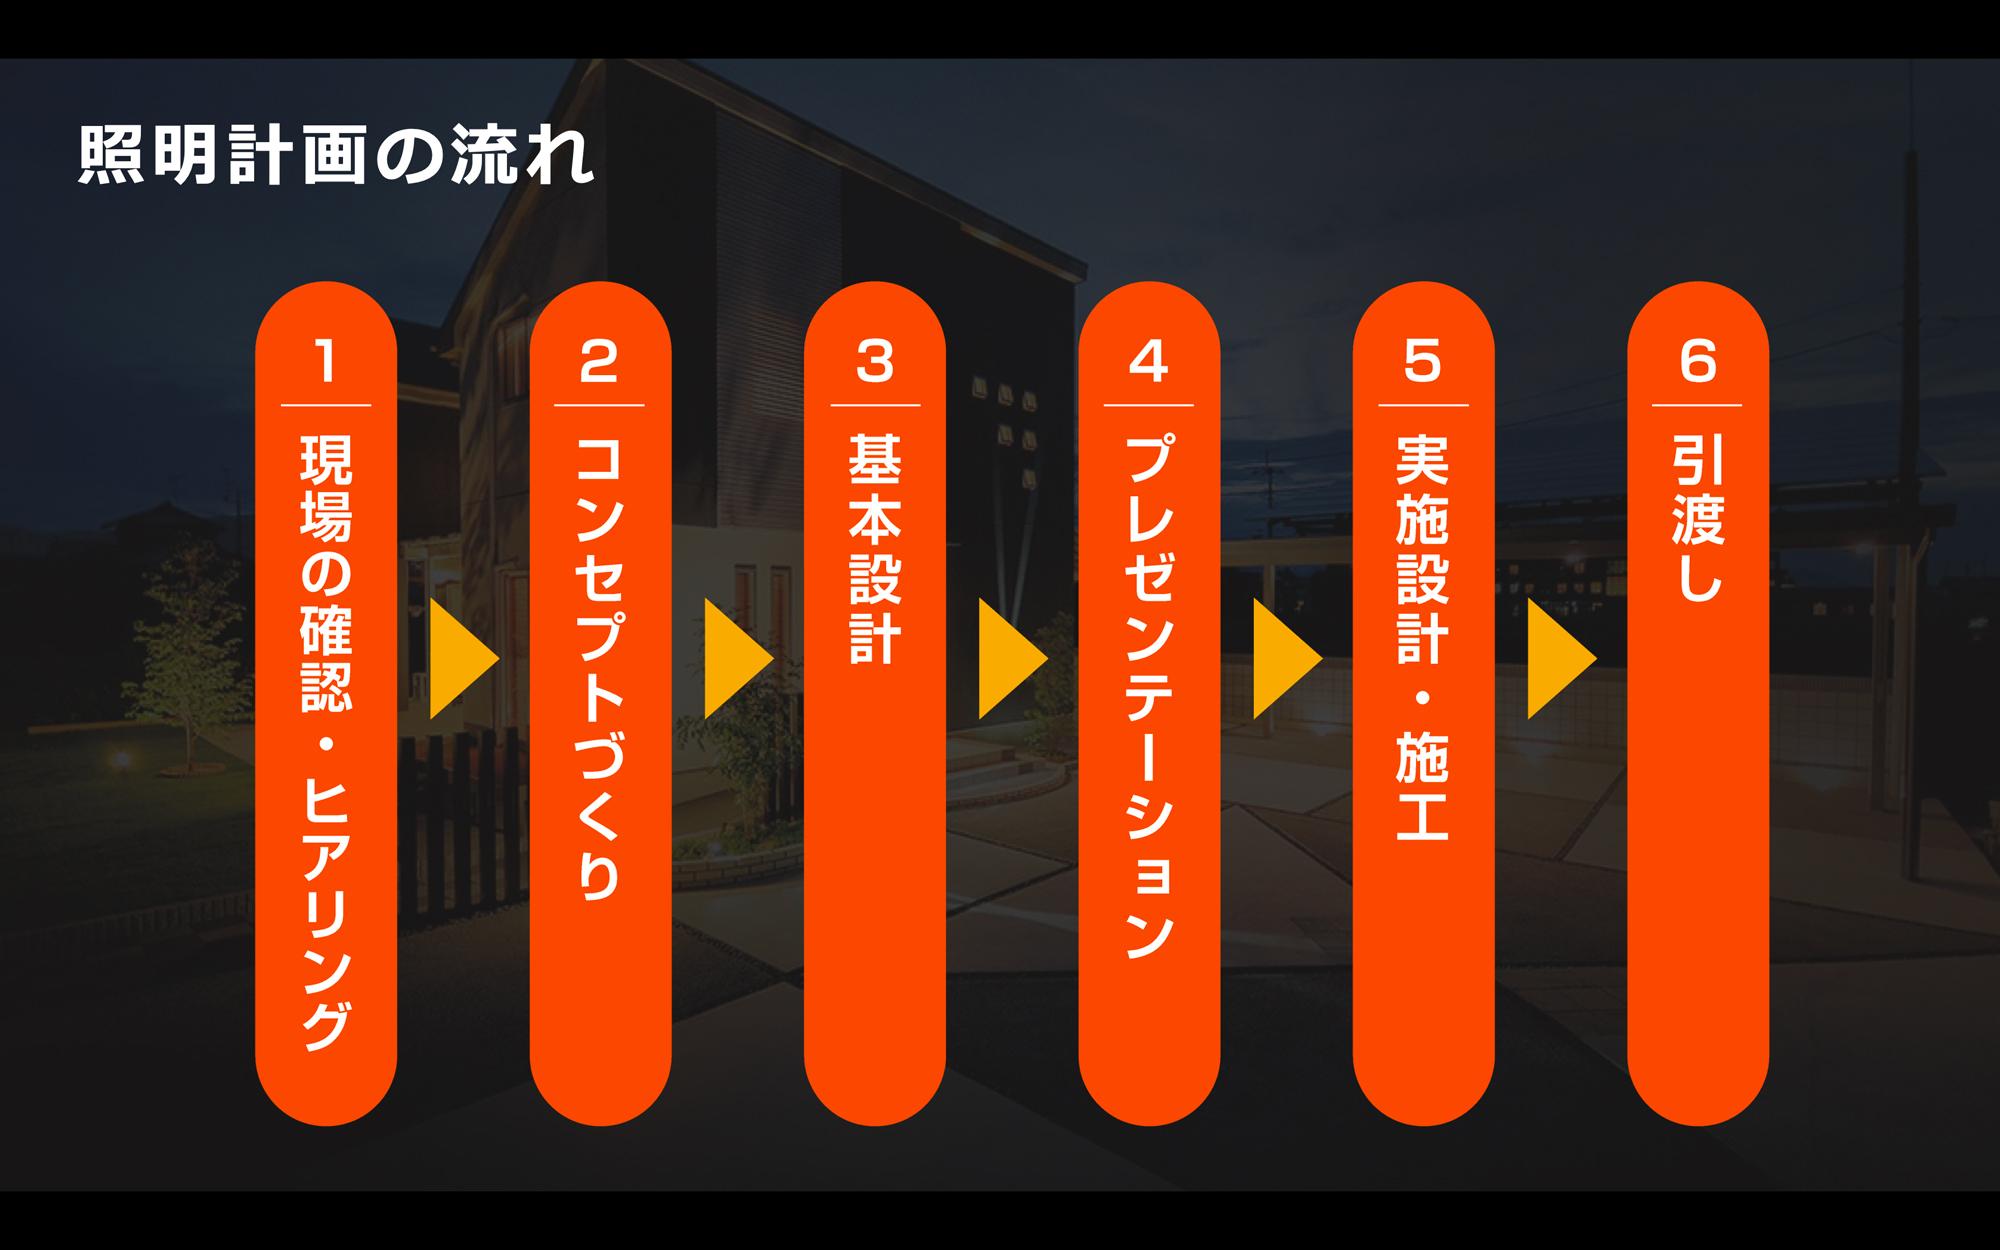 キャプチャー3.照明計画・プレゼンテーションの受講イメージ